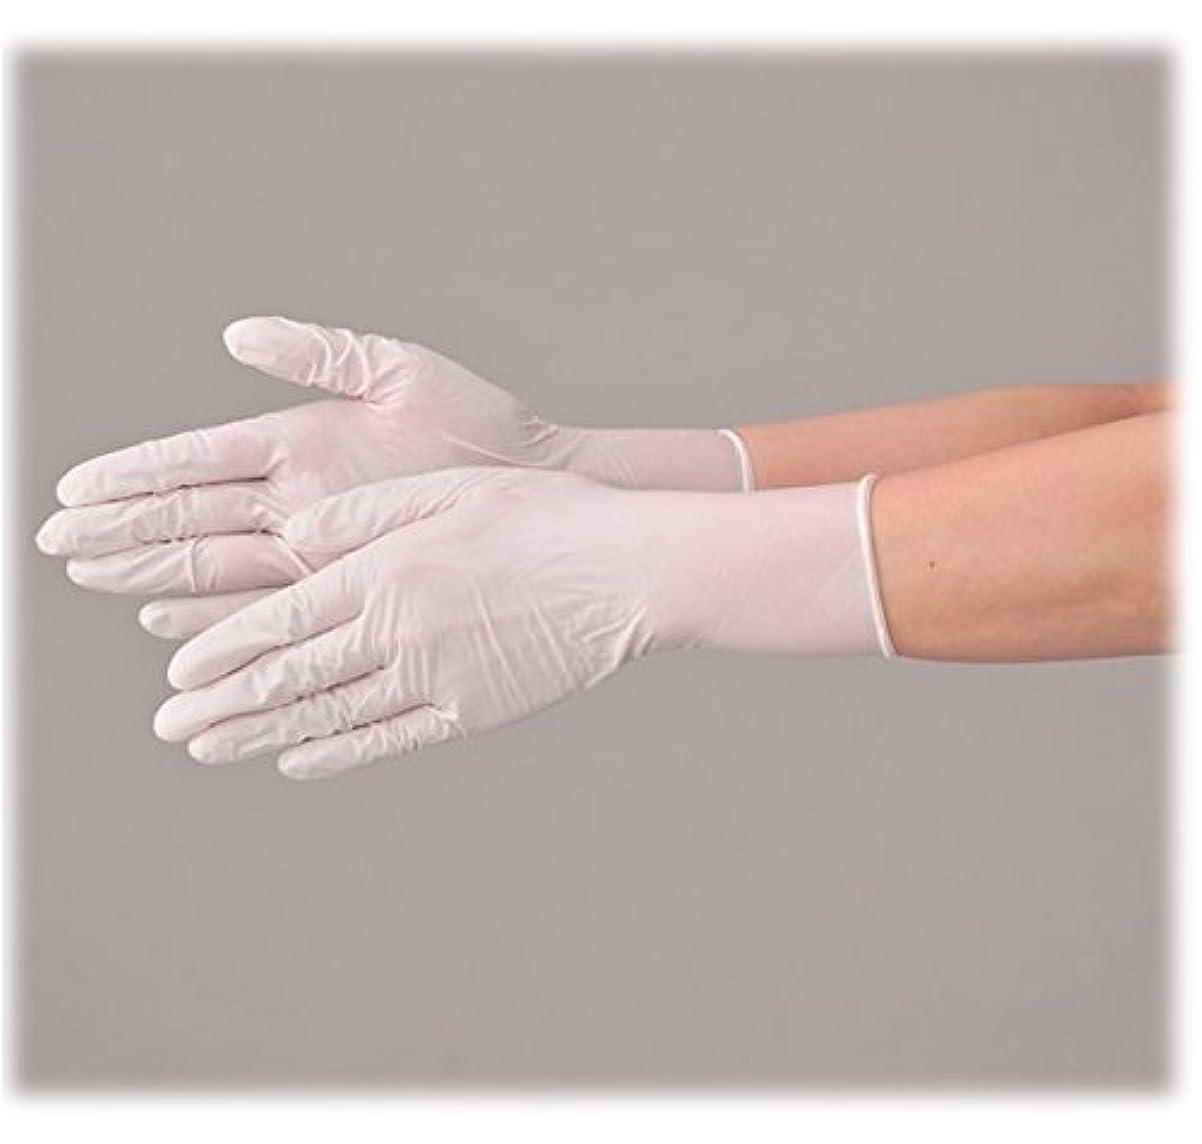 試す反逆者こだわり使い捨て 手袋 エブノ 533 ニトリルNEO ホワイト Sサイズ パウダーフリー 2ケース(100枚×60箱)